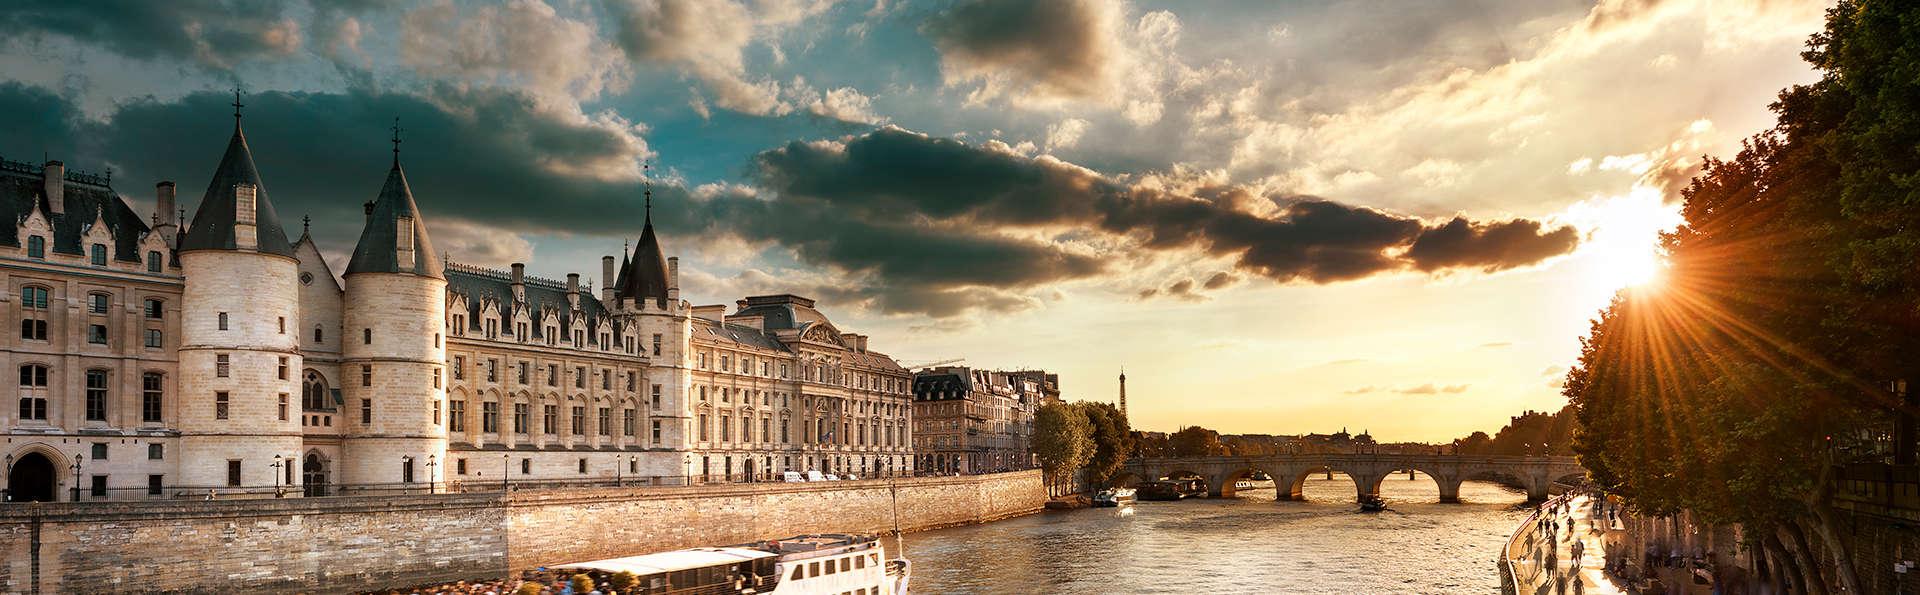 Saint James Albany Paris Hotel Spa - edit_paris1.jpg